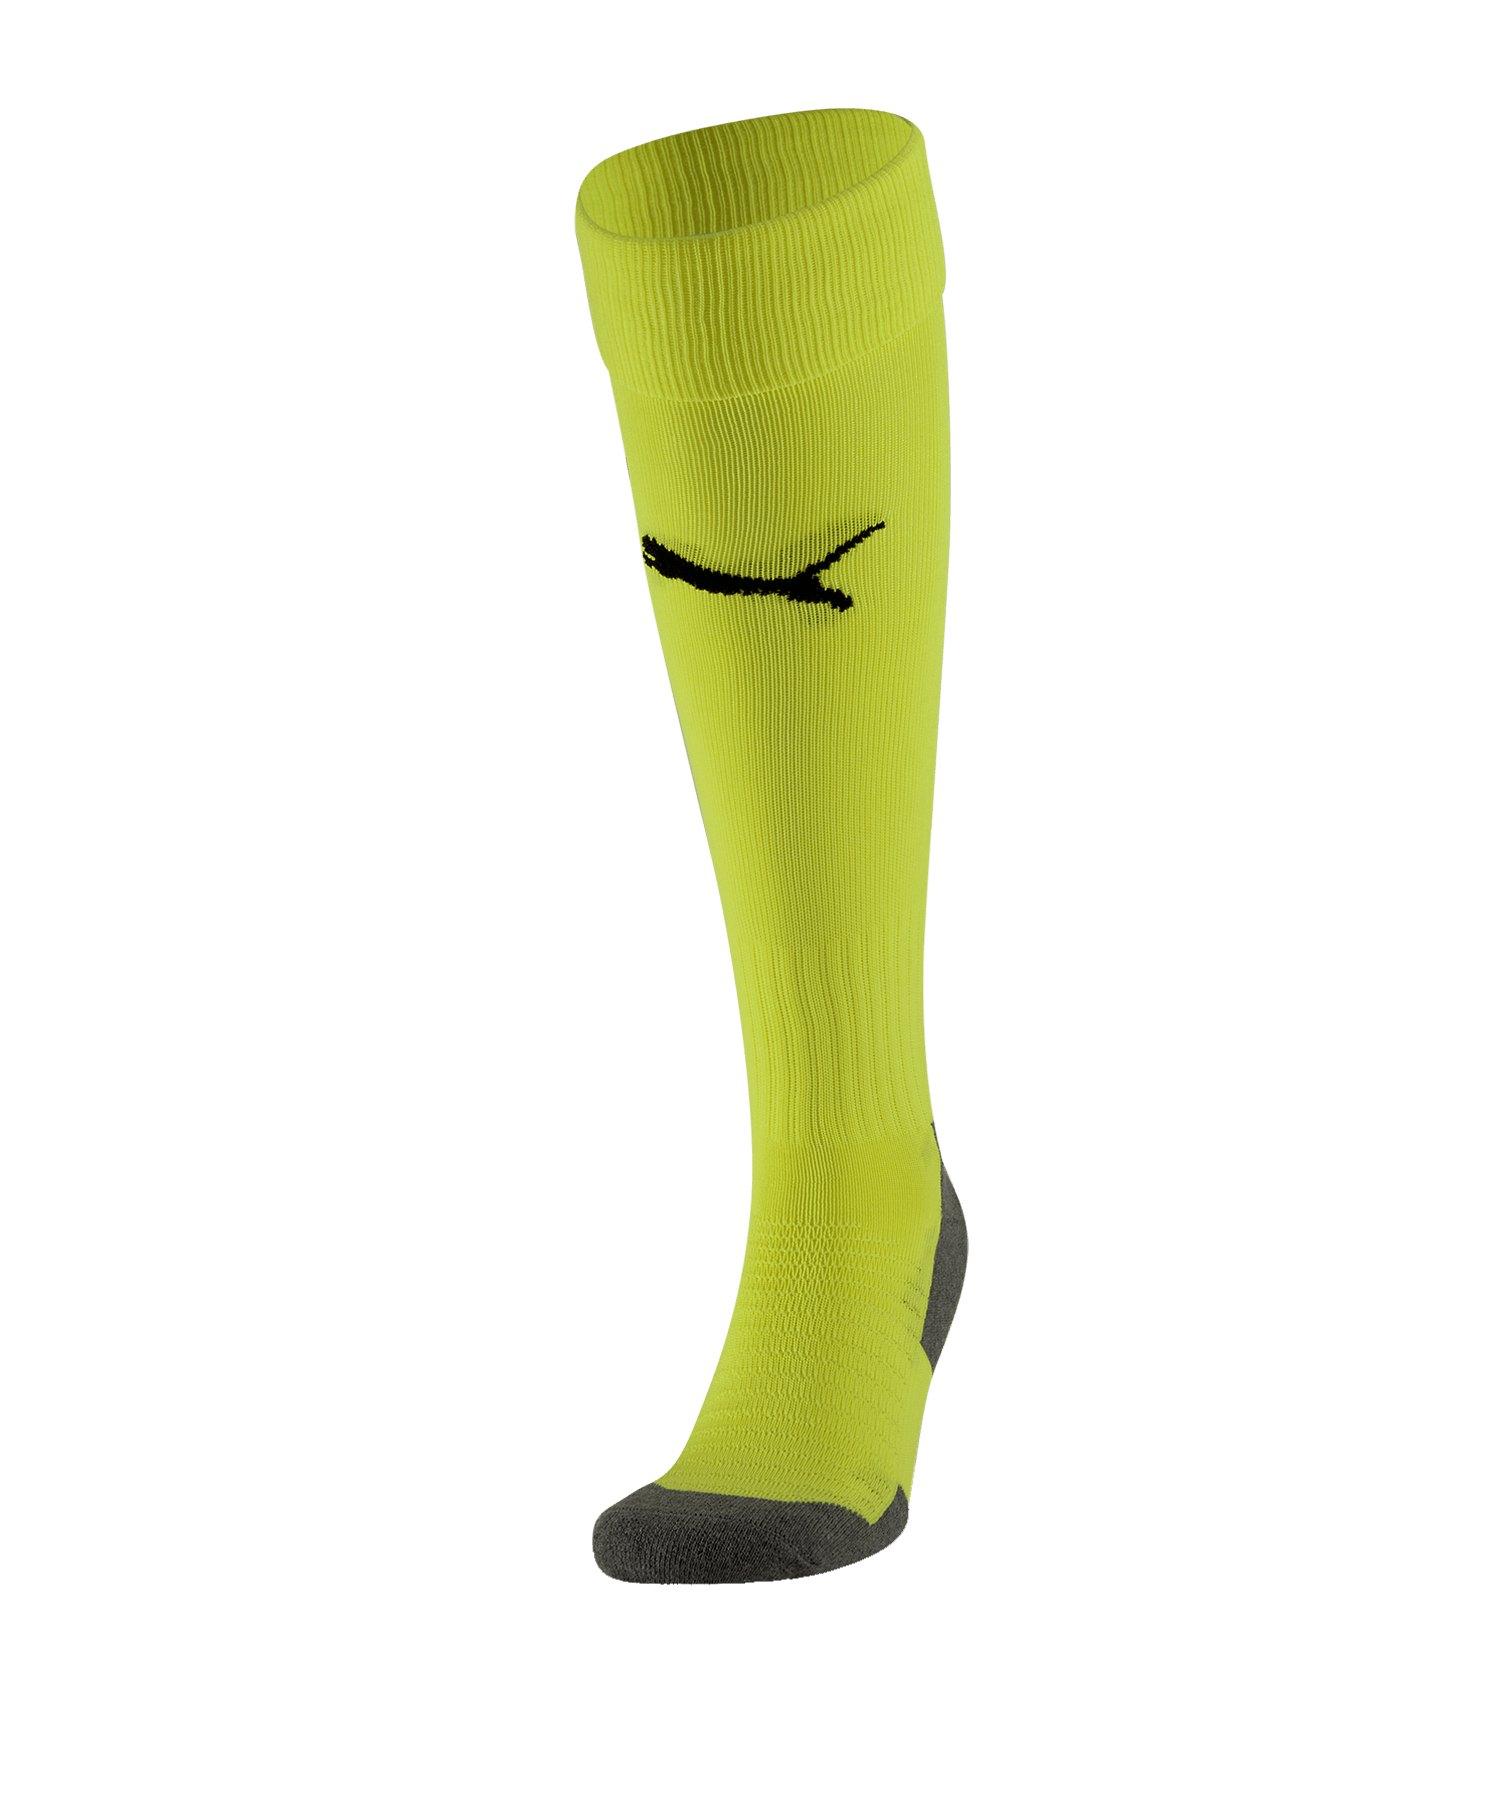 PUMA LIGA Socks Core Stutzenstrumpf Gelb F33 - gelb